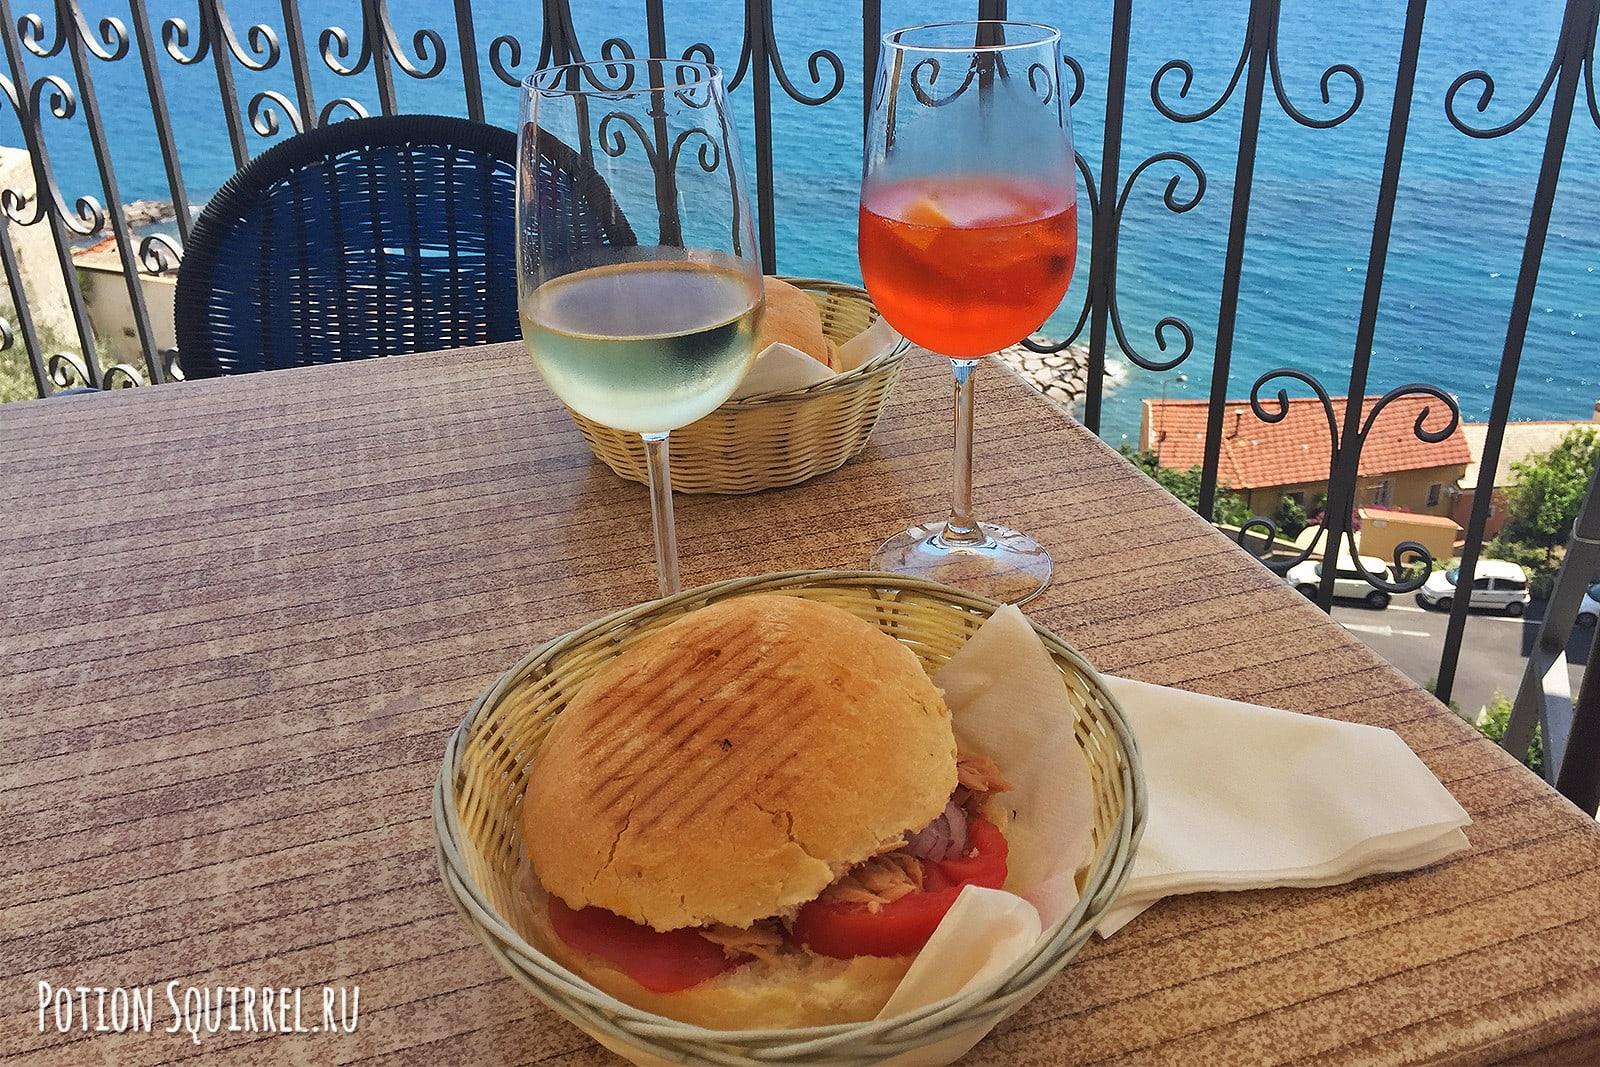 Сэндвич с тунцом из итальянкого кафе над морем